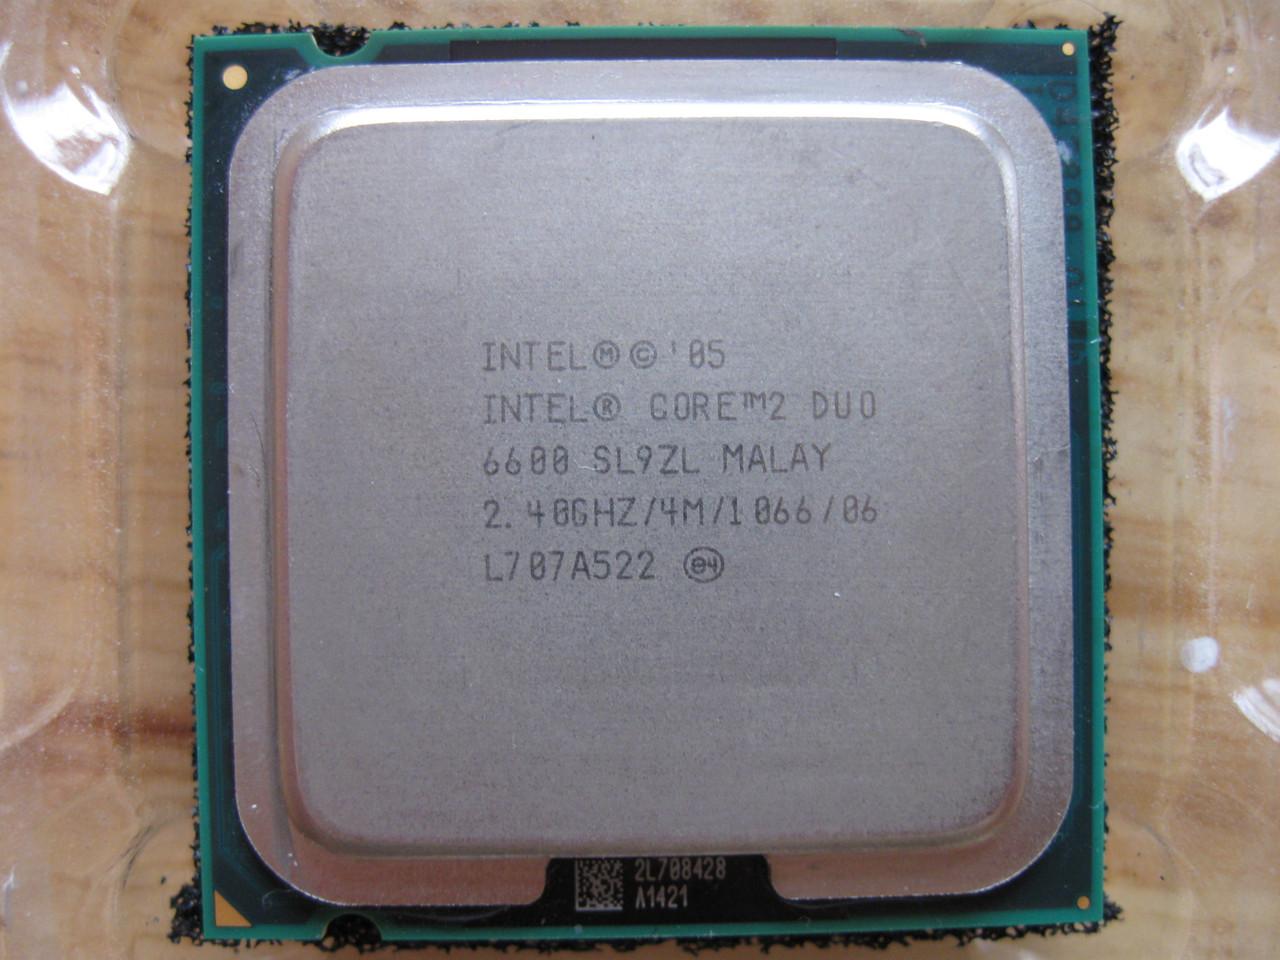 ПРОЦЕСОР 2 ЯДРА для СТАРИХ МАТ.ПЛАТ S 775 Intel Core2DUO E6600 (2 ЯДРА по 2,4 Ghz кожне